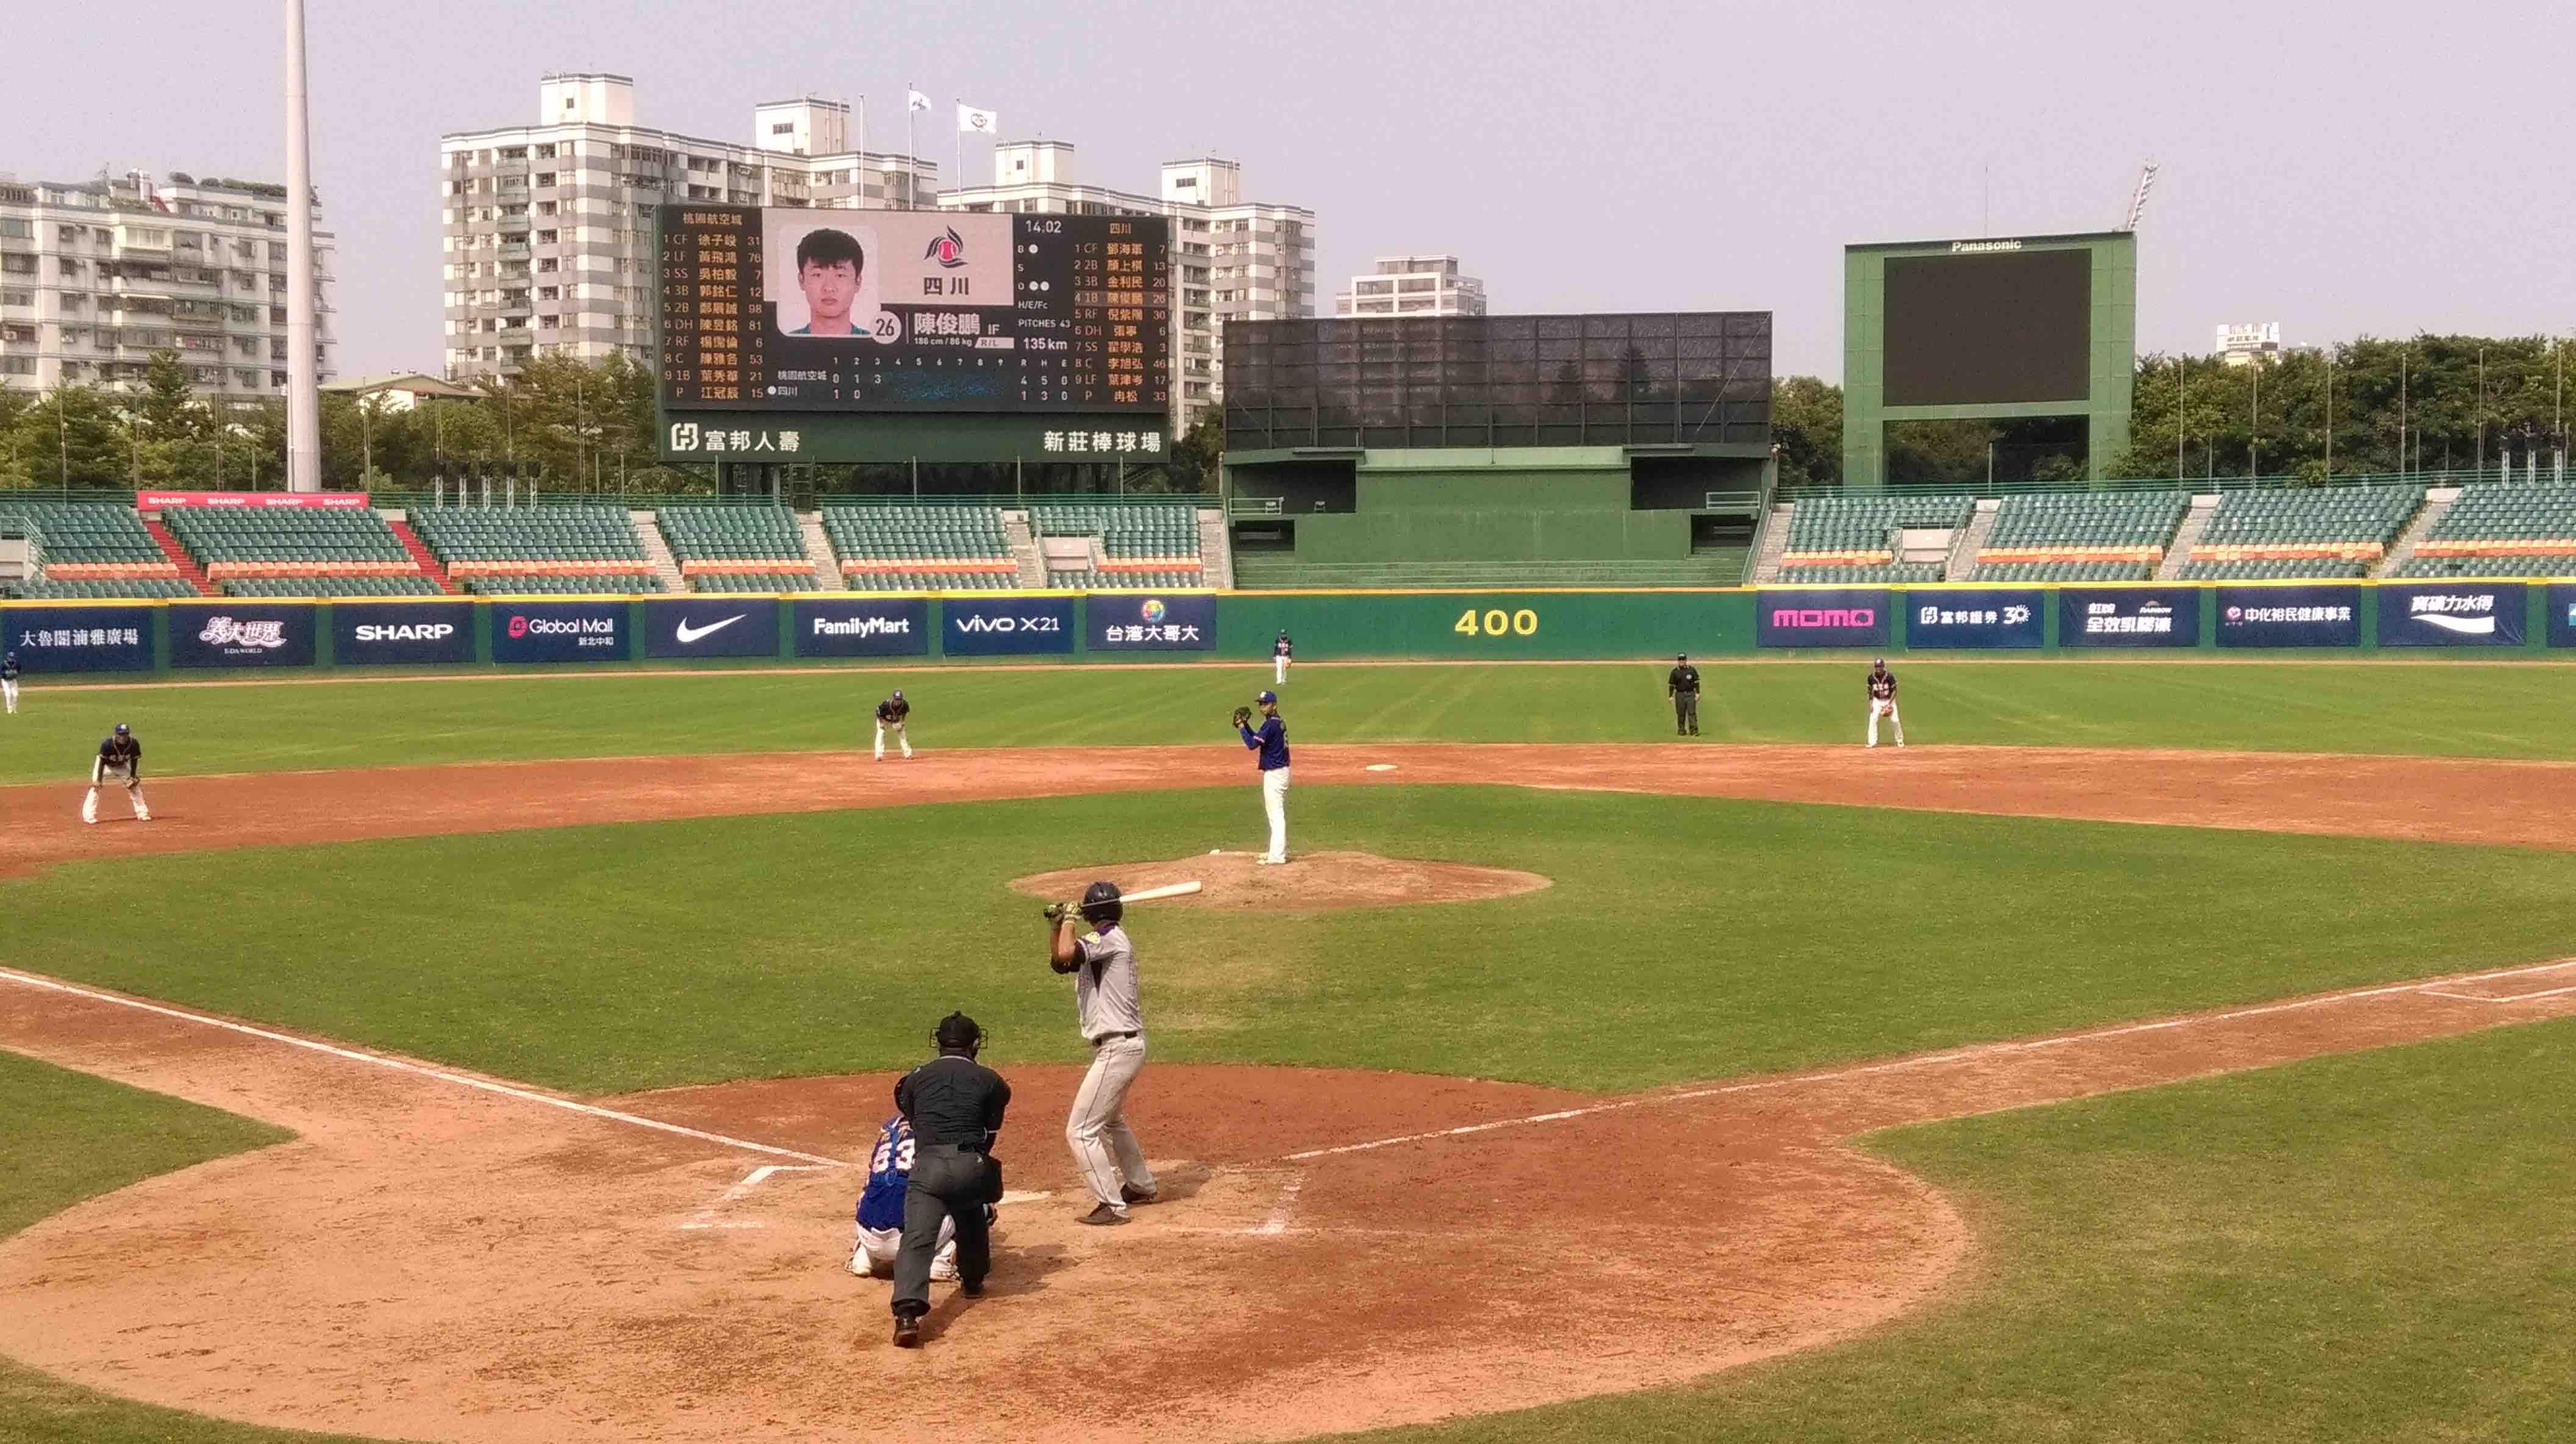 年僅23歲的四川隊亞運國手陳俊鵬面對桃園航空城隊時的攻擊。